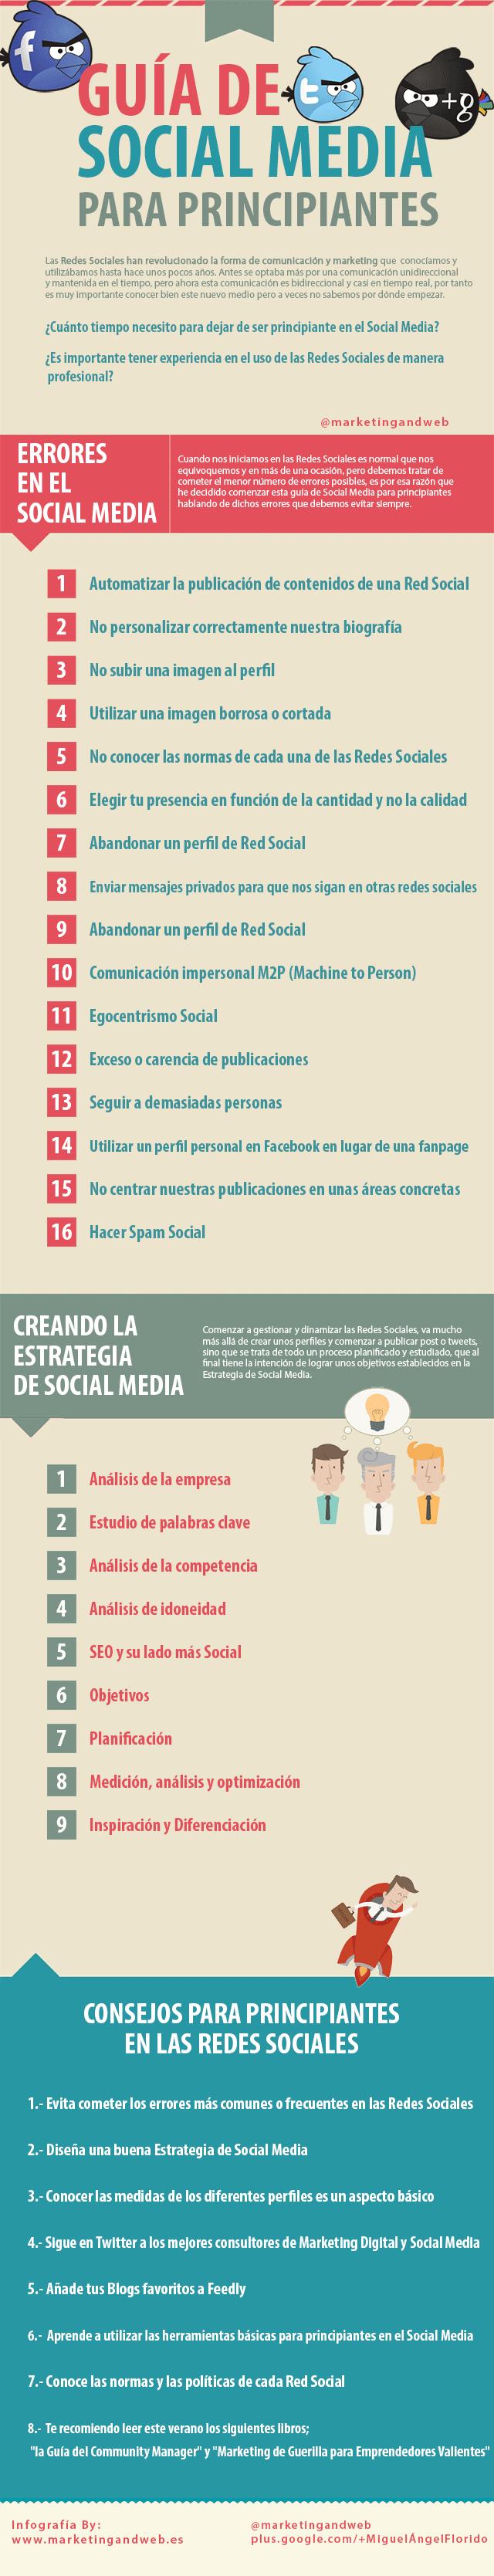 social-media-principiantes